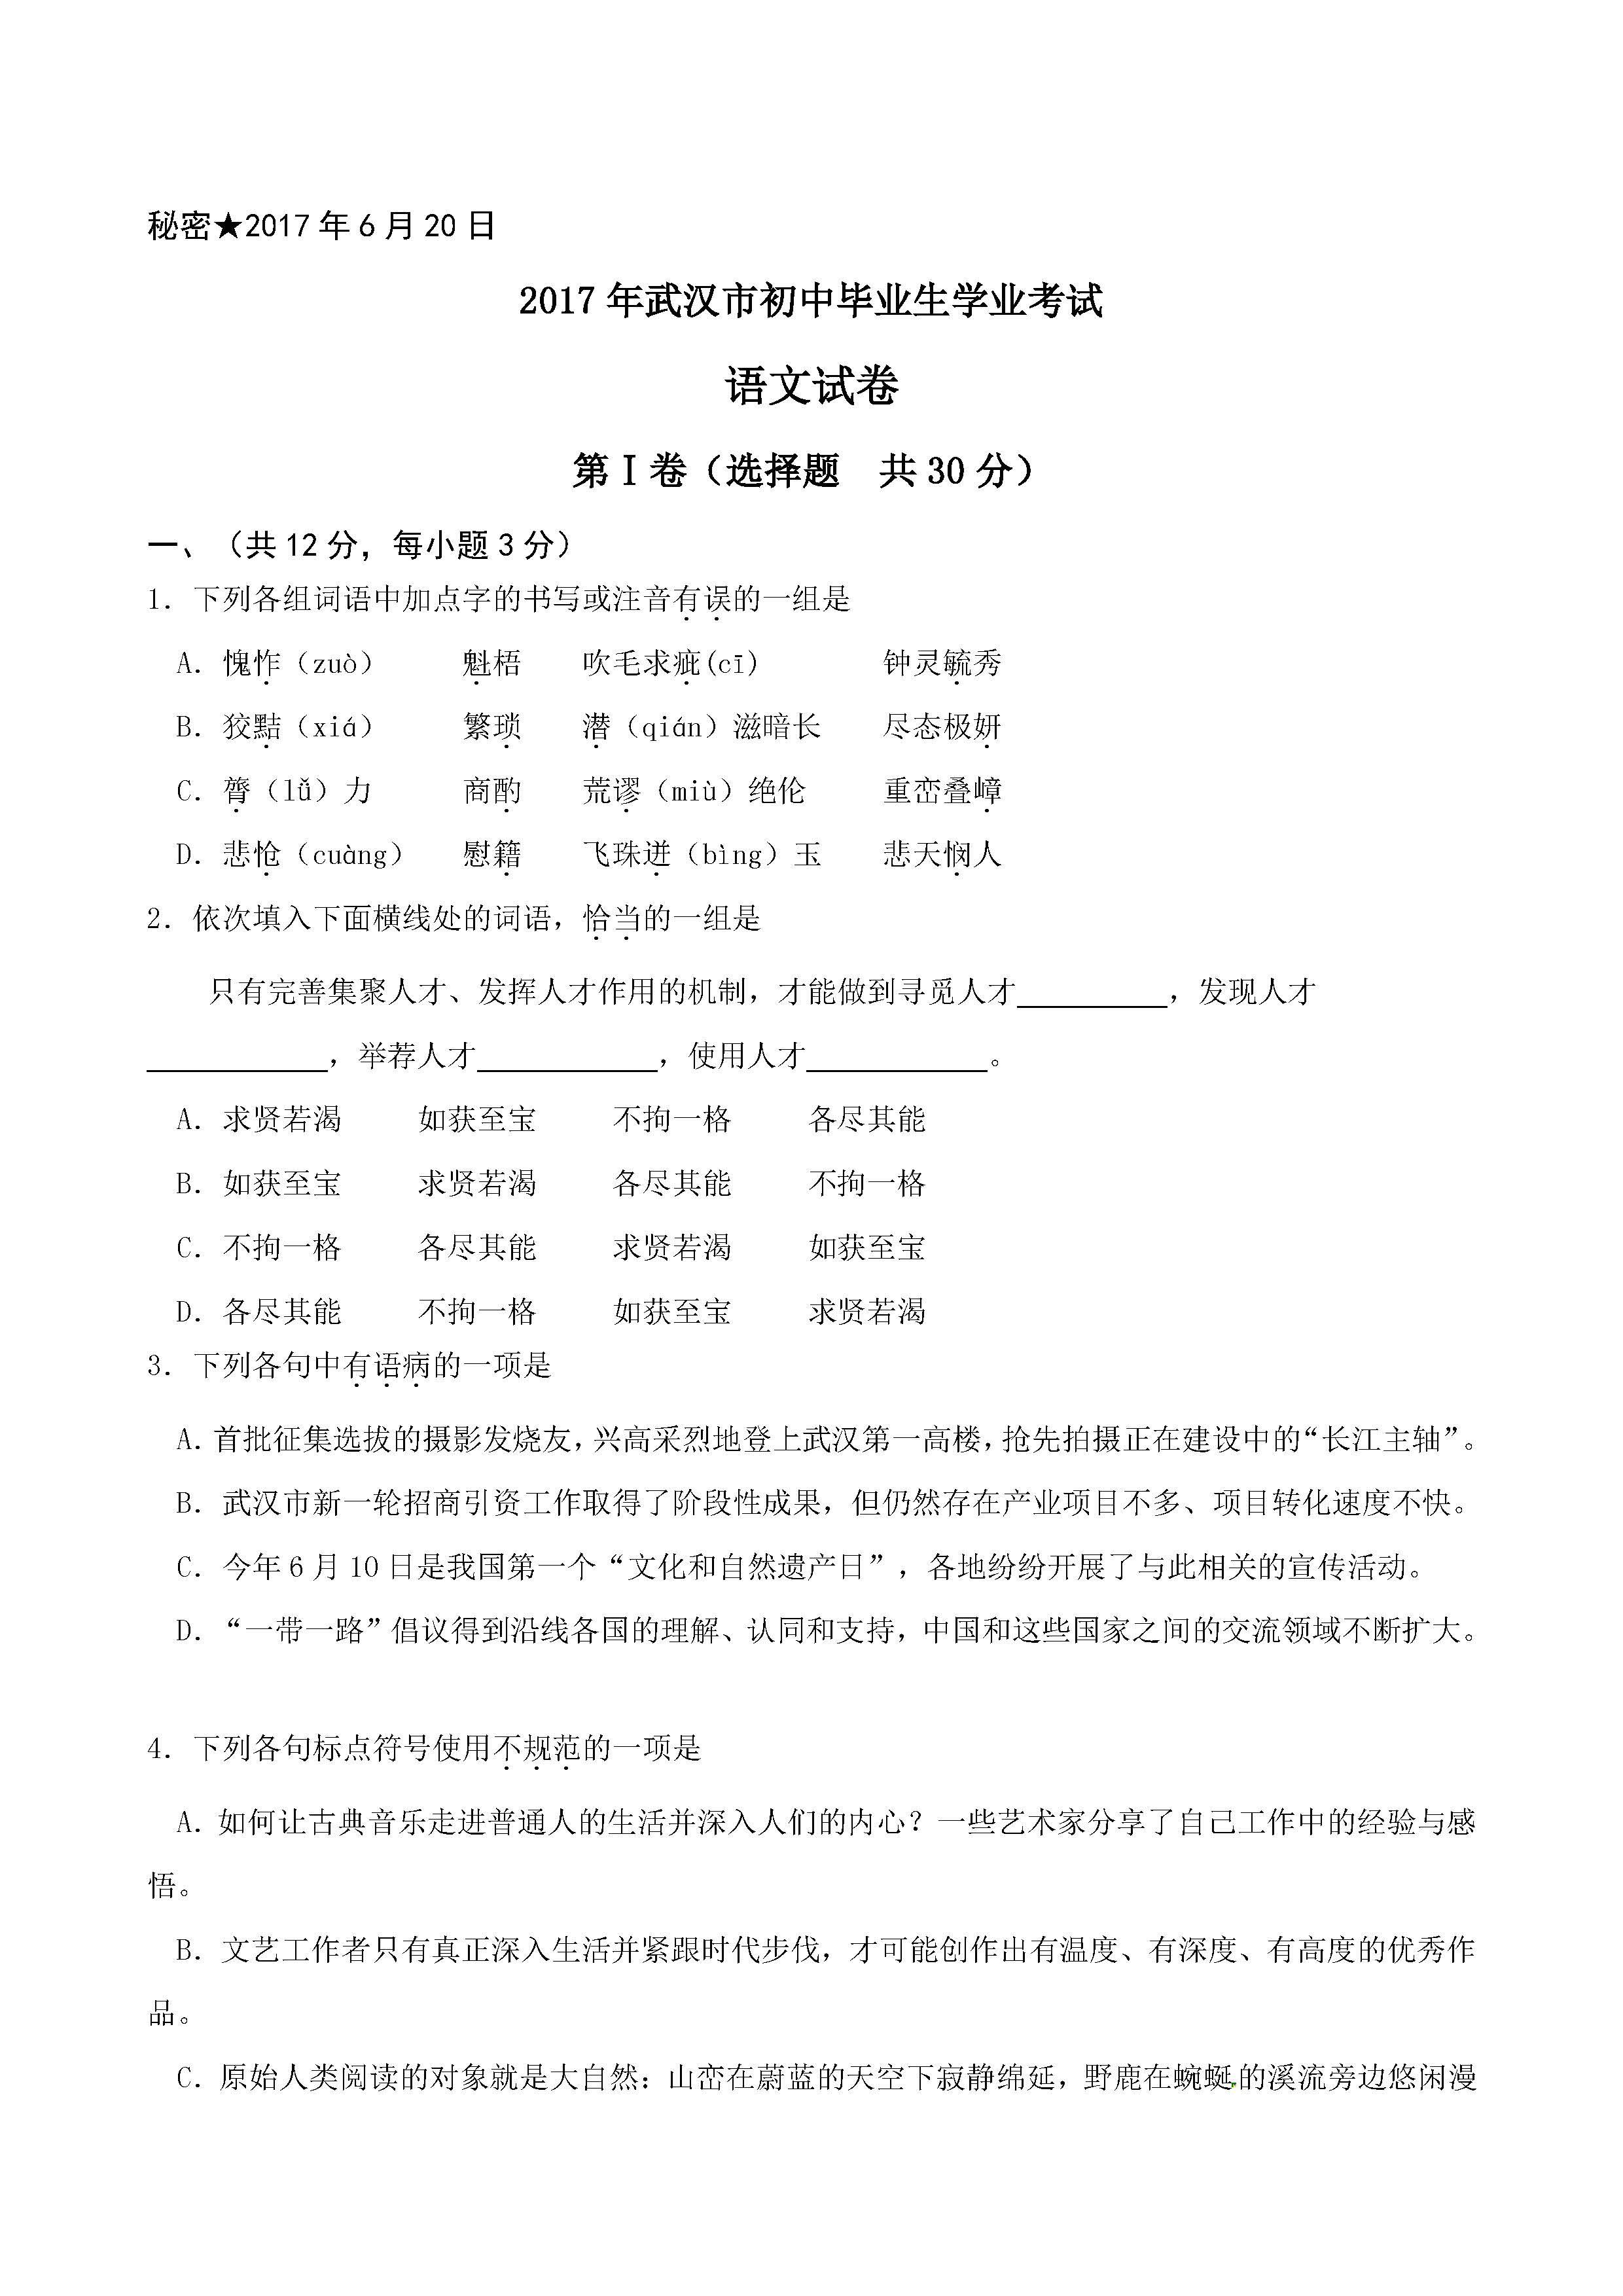 2017武汉中考语文试题及答案解析(图片版含答案)